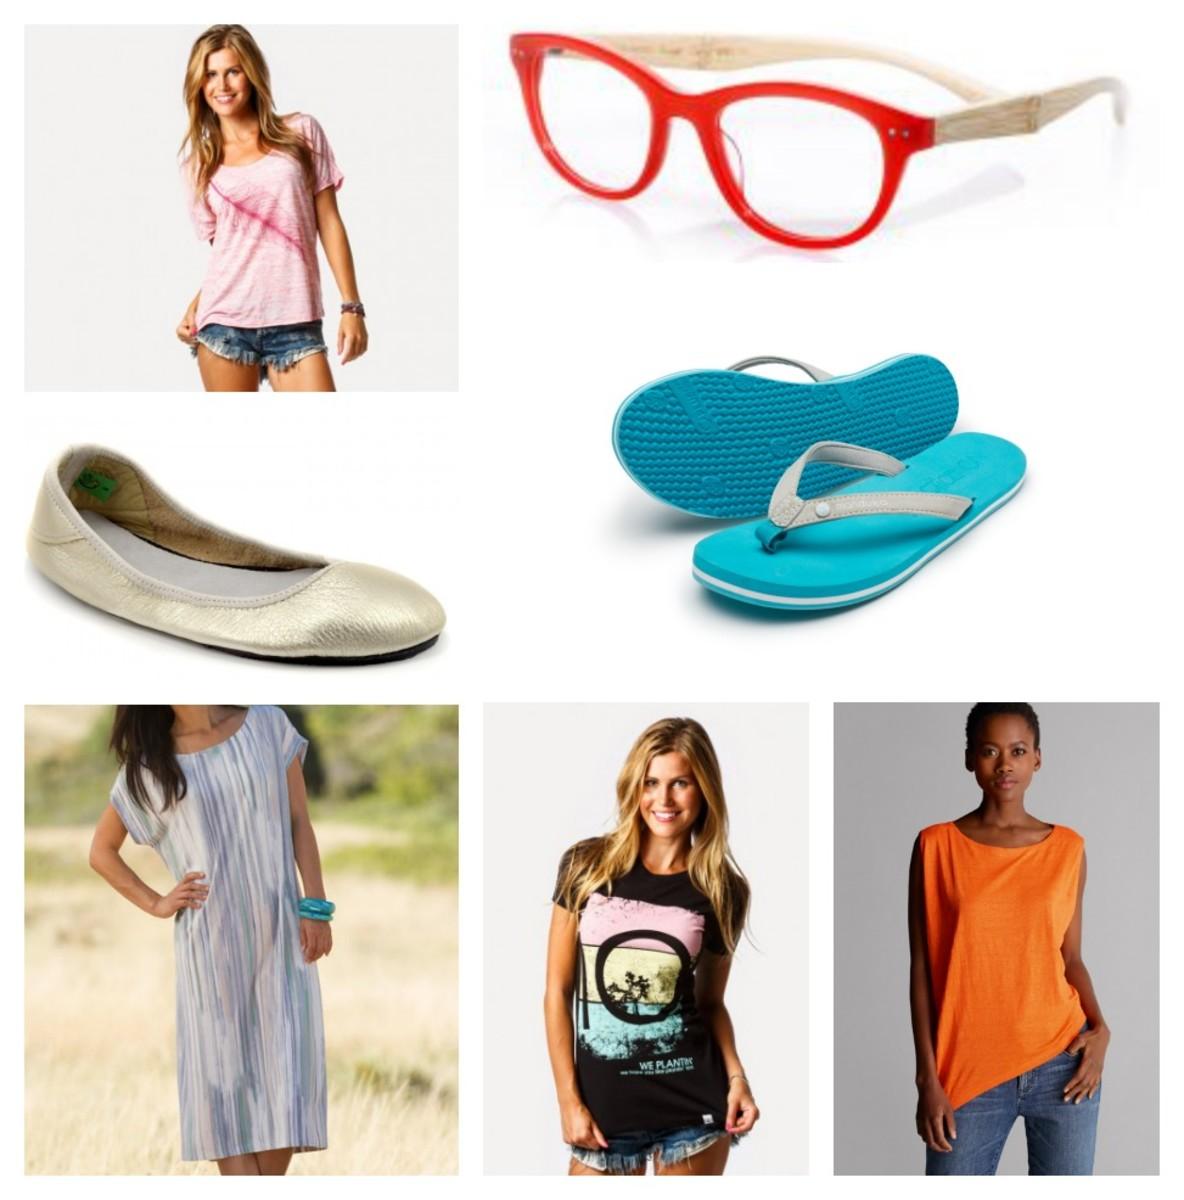 eco fashions.jpg